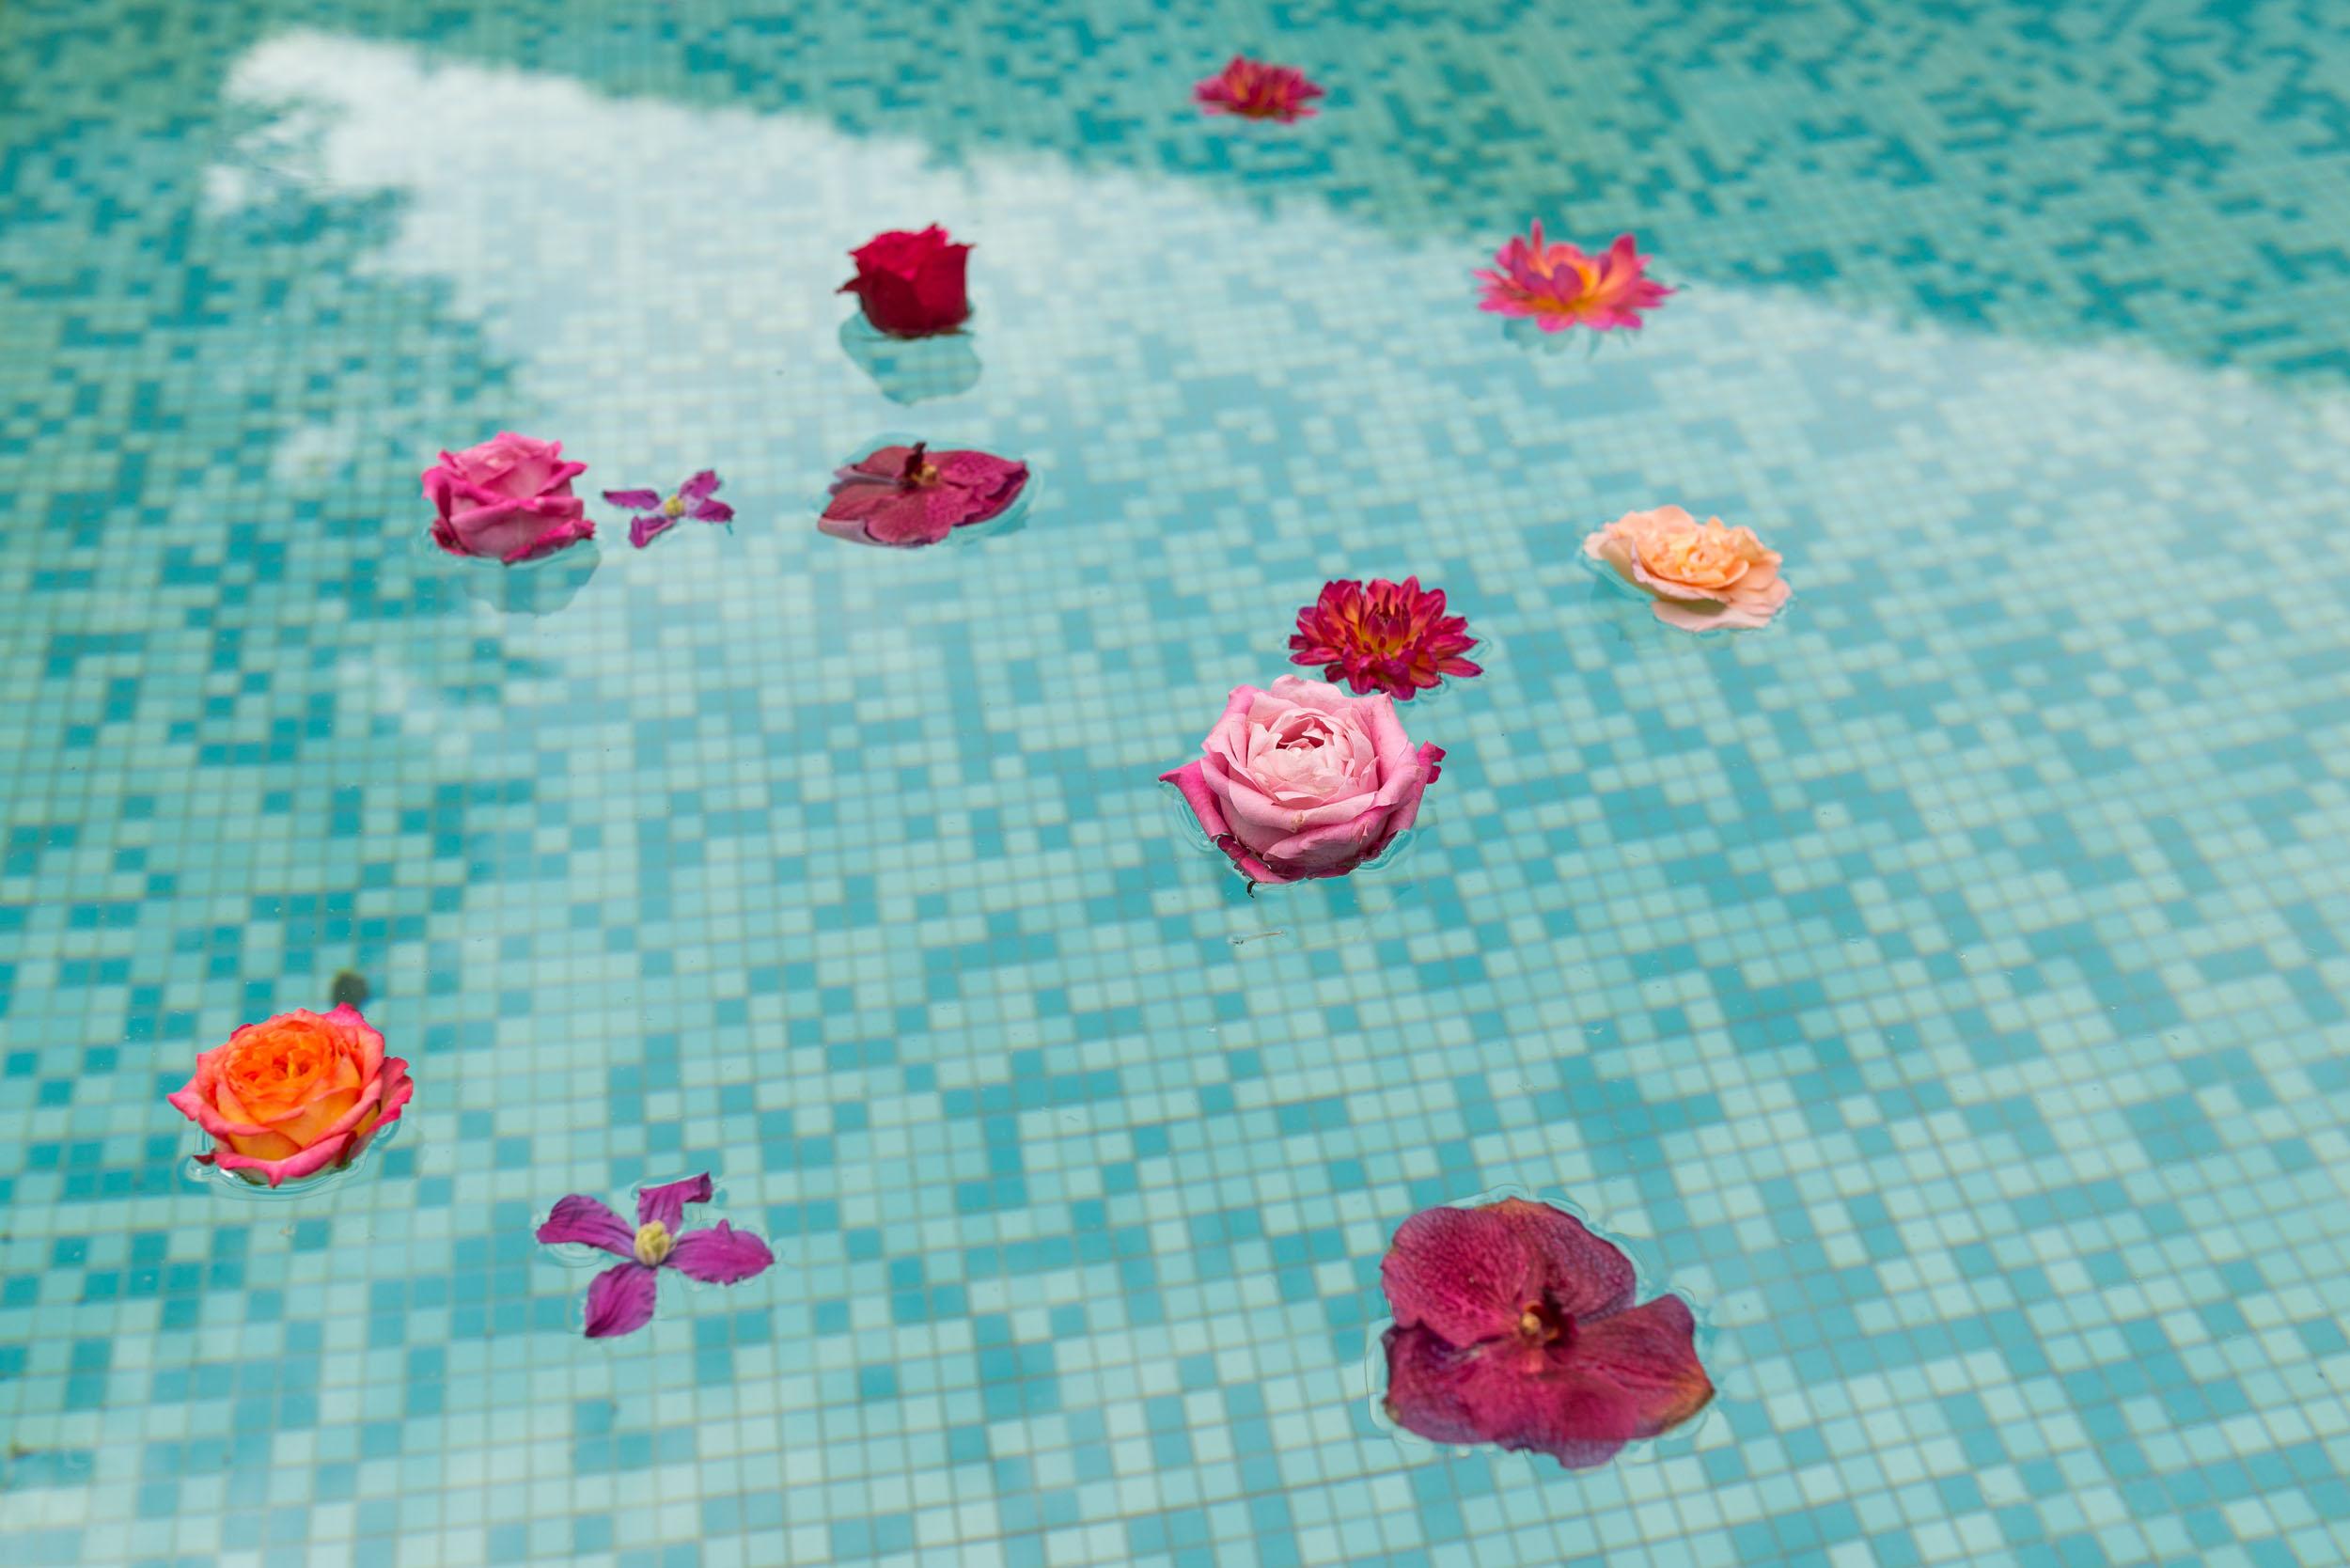 DSC_2274_Flowers_Water.jpg